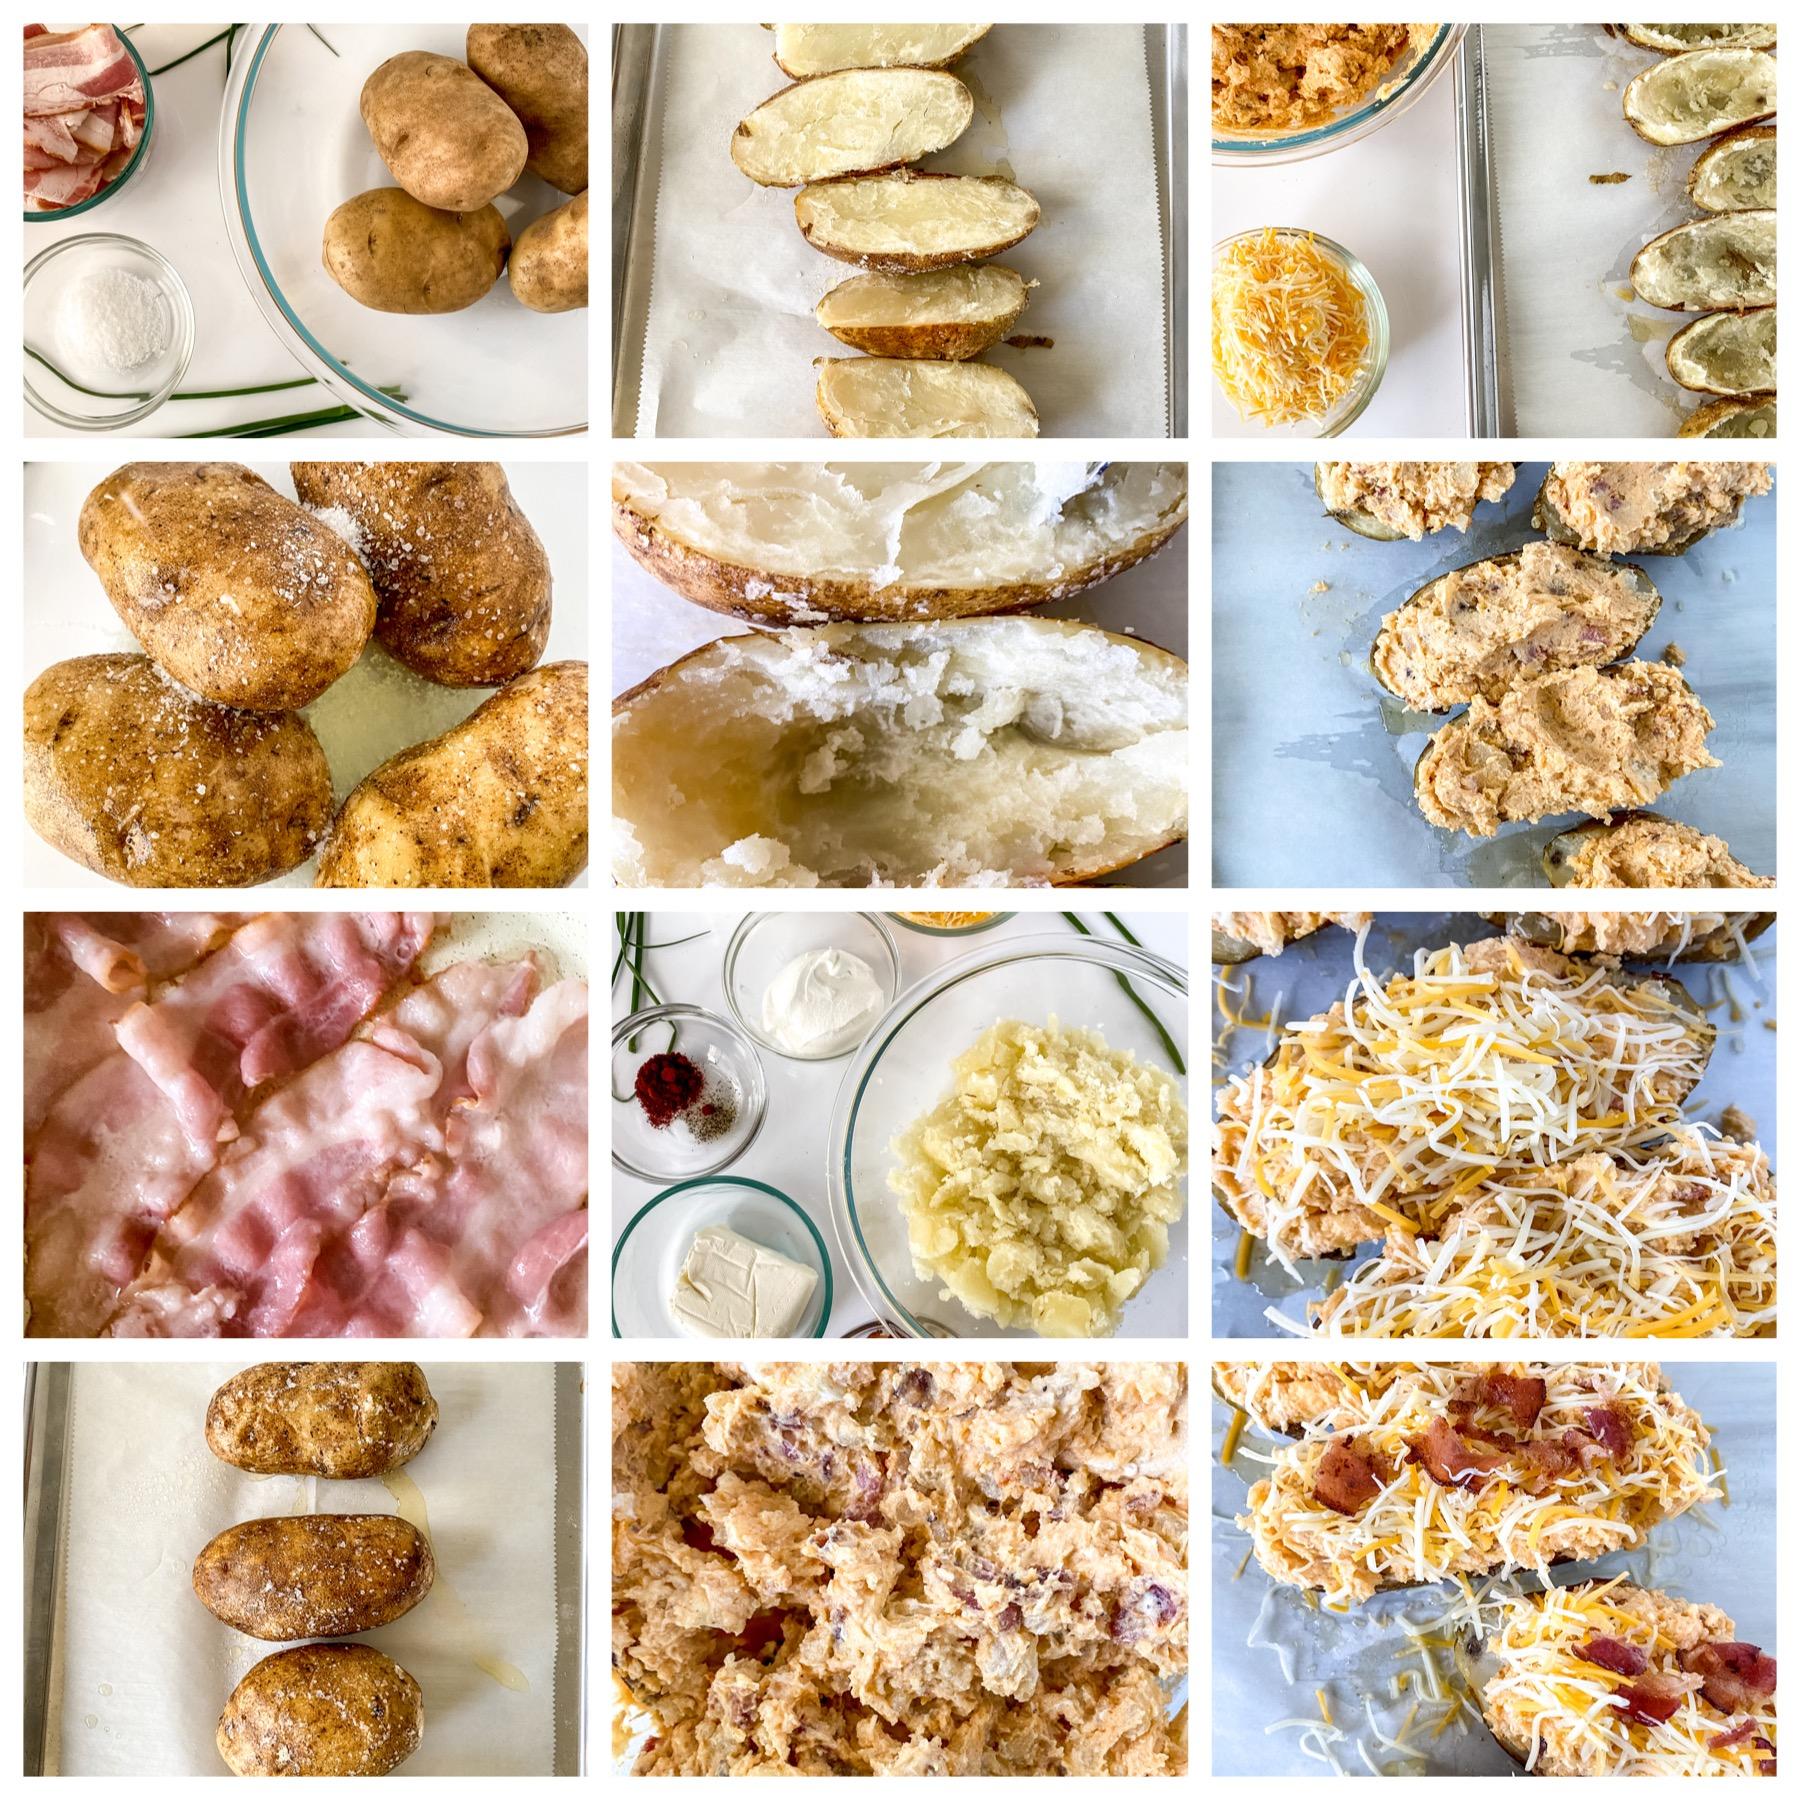 Cheesy twice baked potato recipe